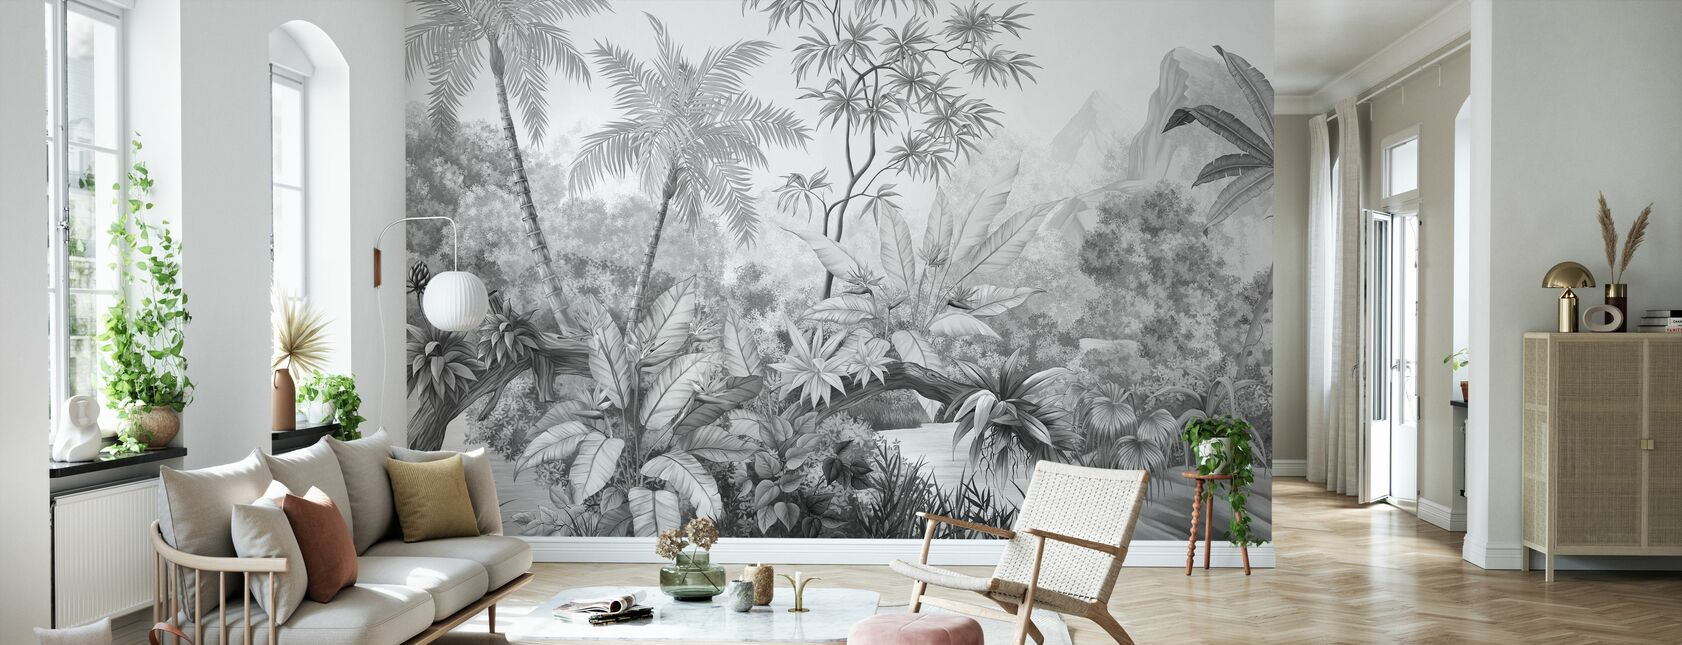 Jungle Enredado - Bw - Papel pintado - Salón